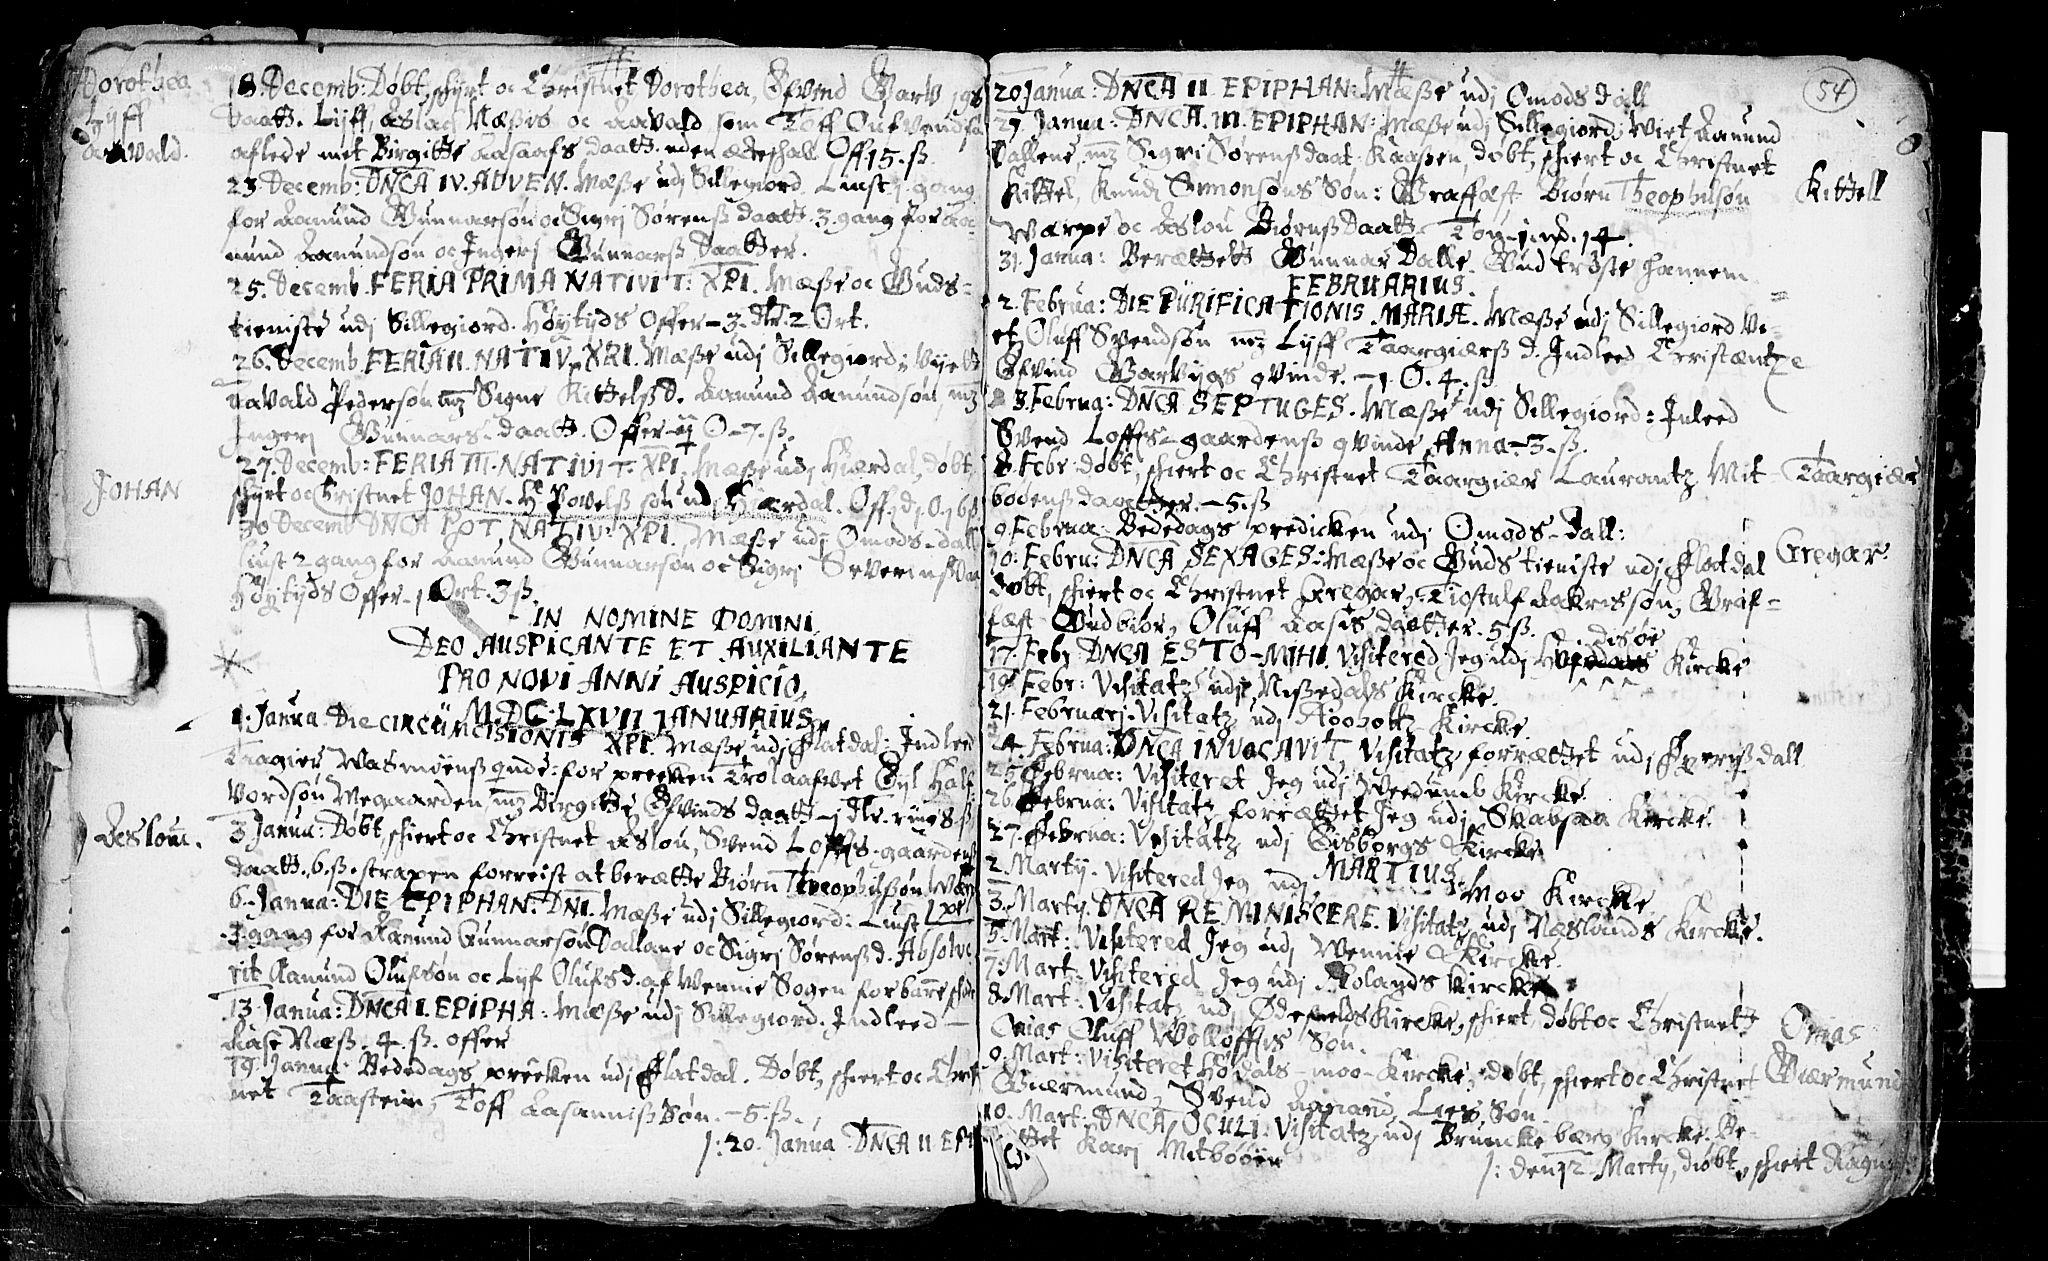 SAKO, Seljord kirkebøker, F/Fa/L0001: Ministerialbok nr. I 1, 1654-1686, s. 54